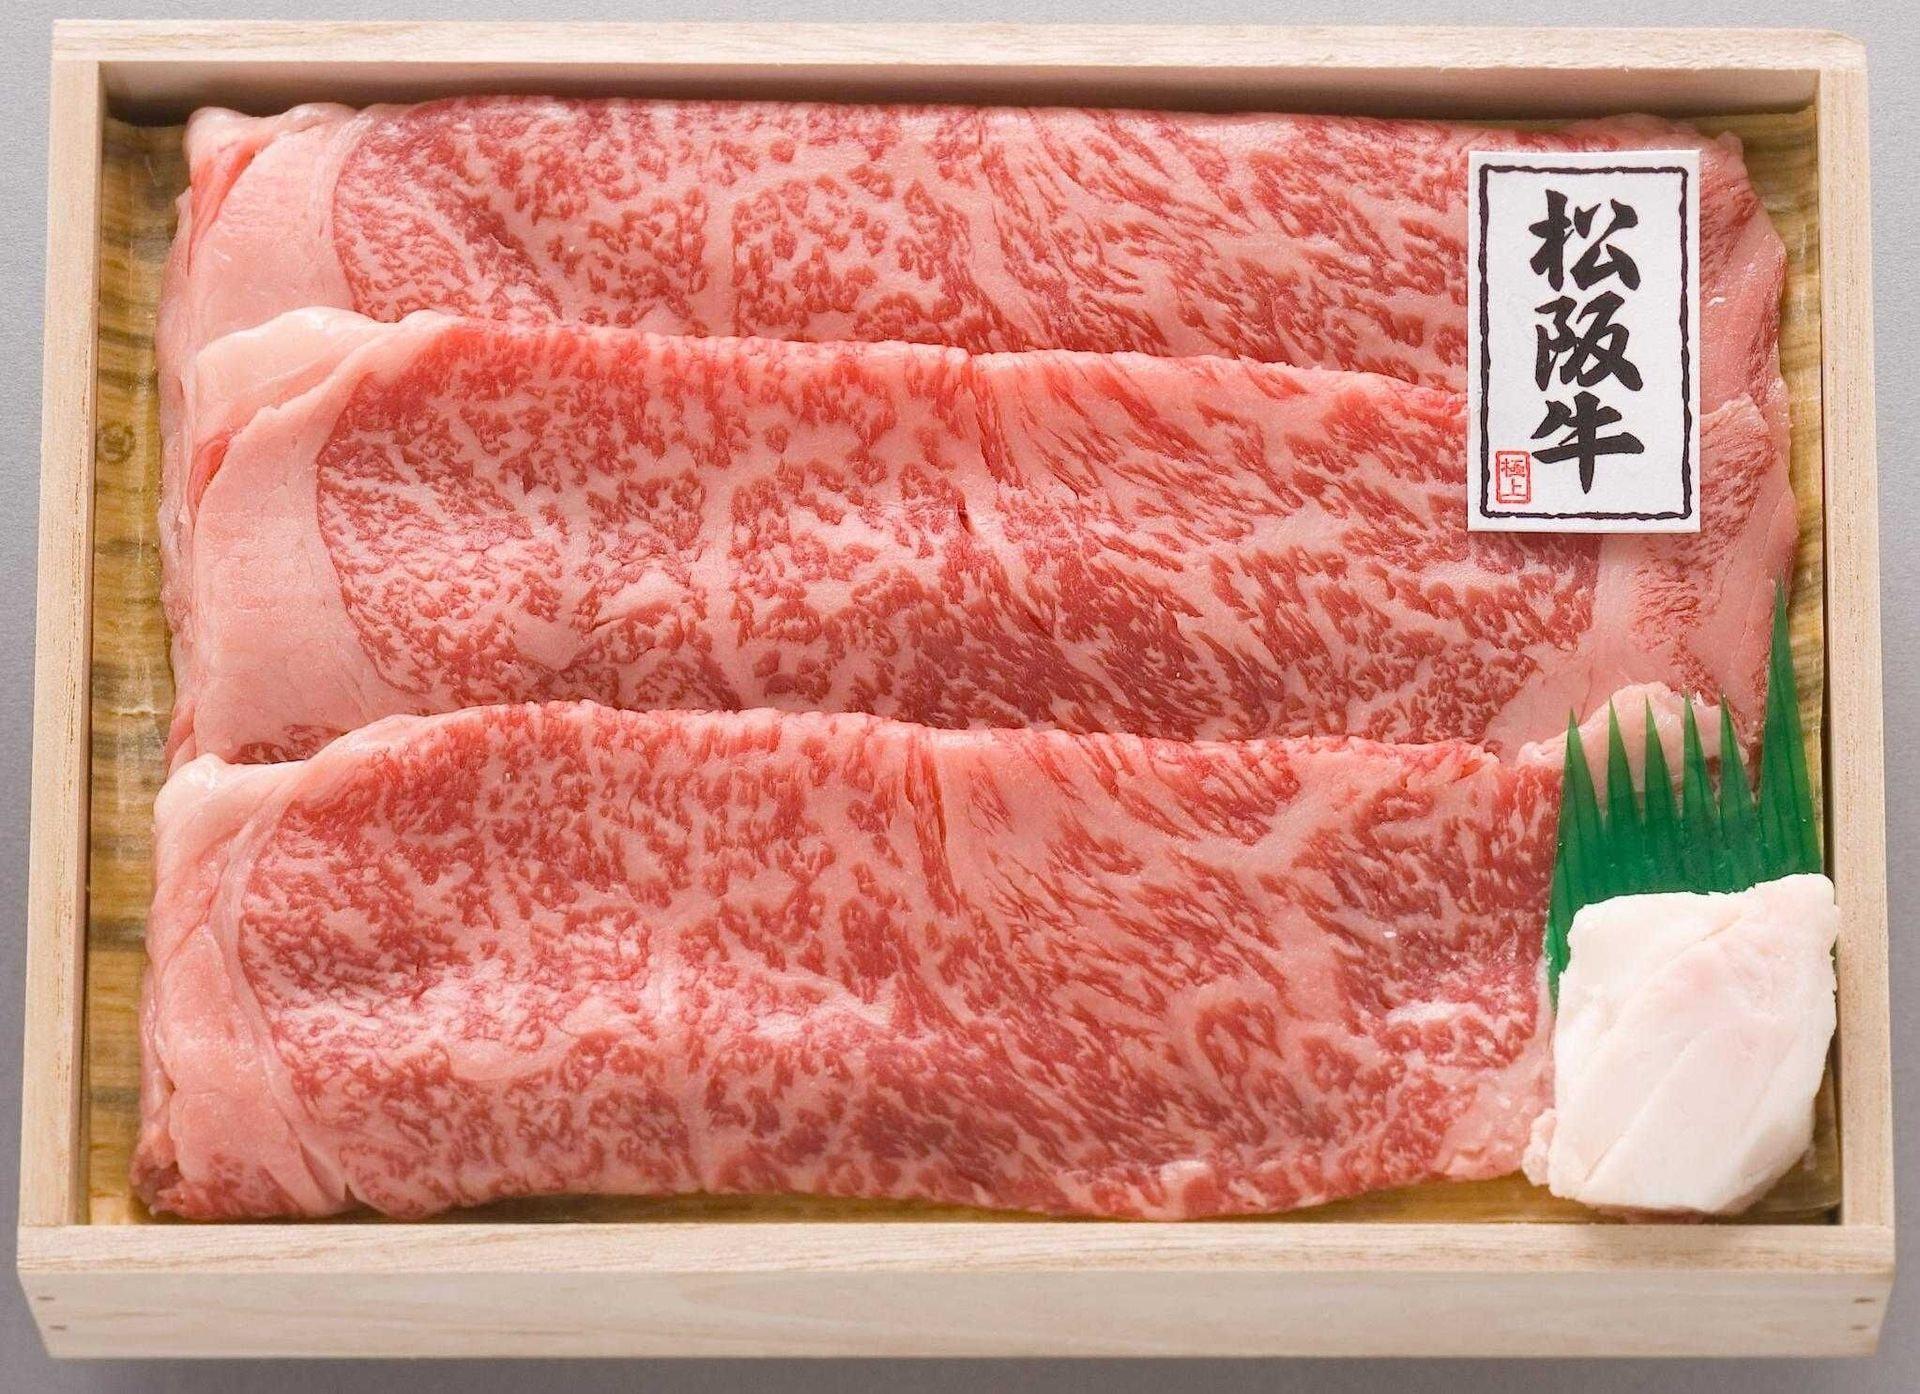 松阪牛 すきやき用 600g